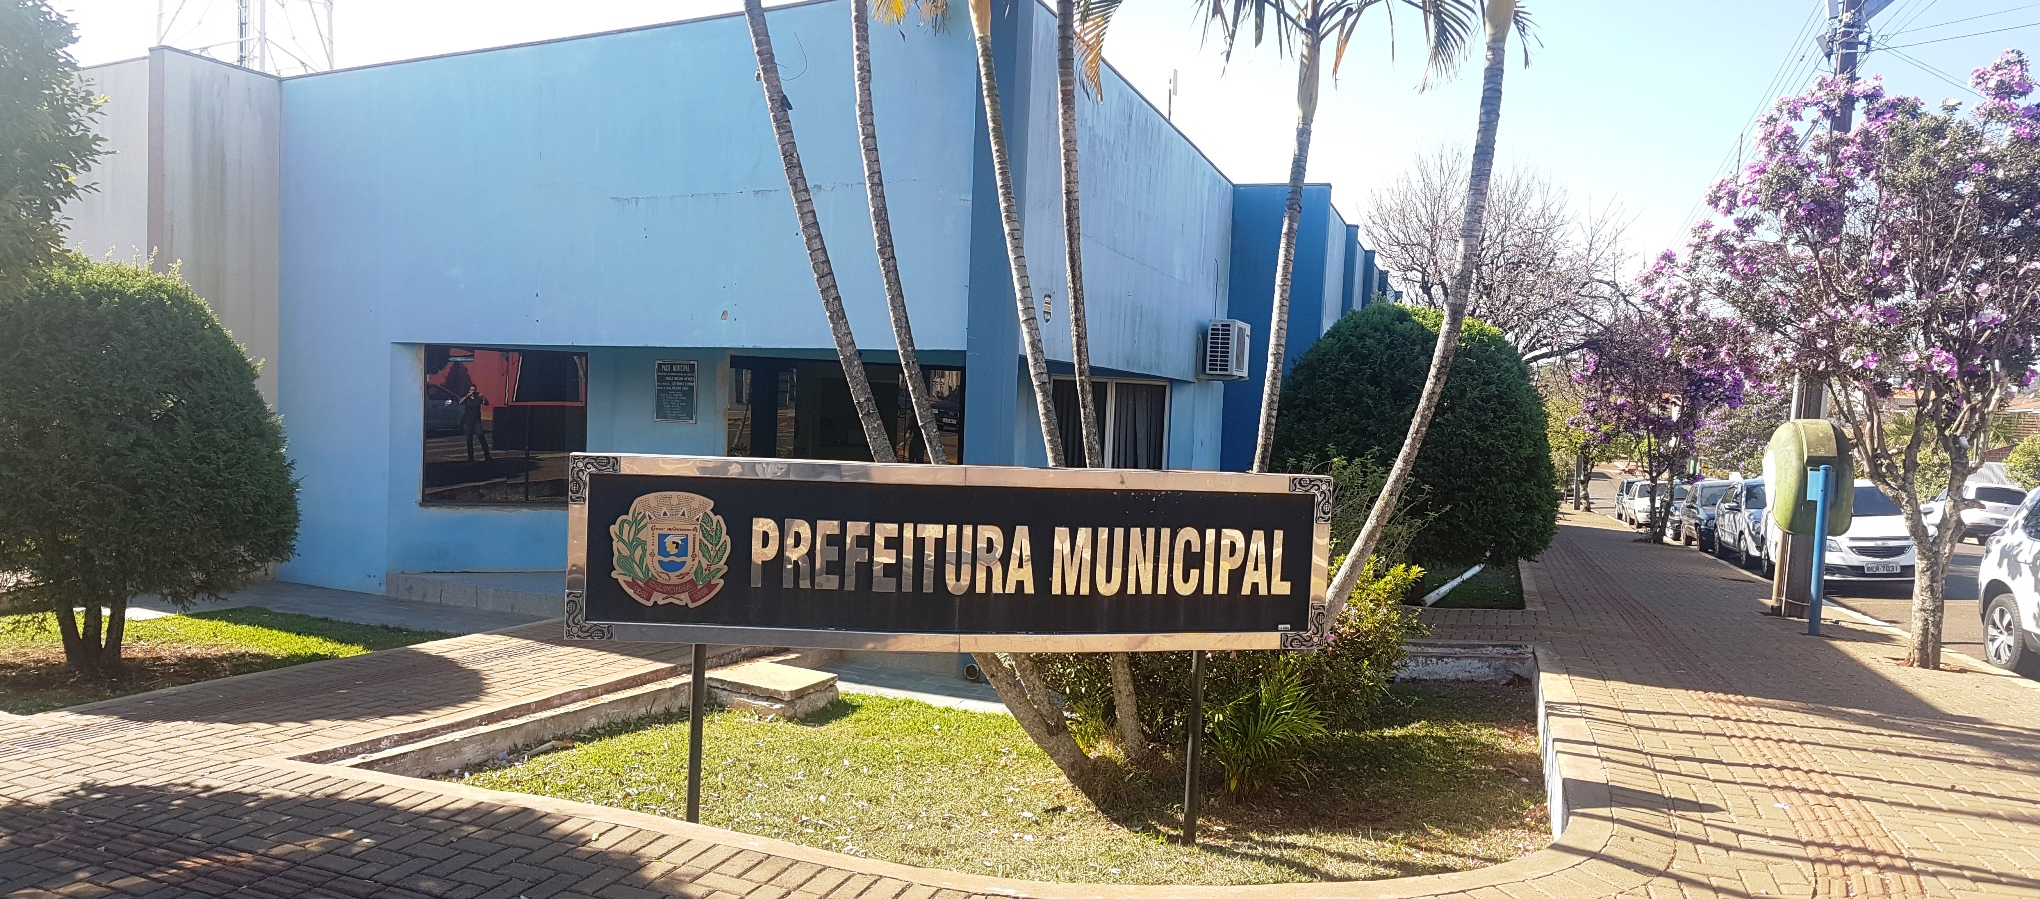 Prefeitura Municipal de Califórnia